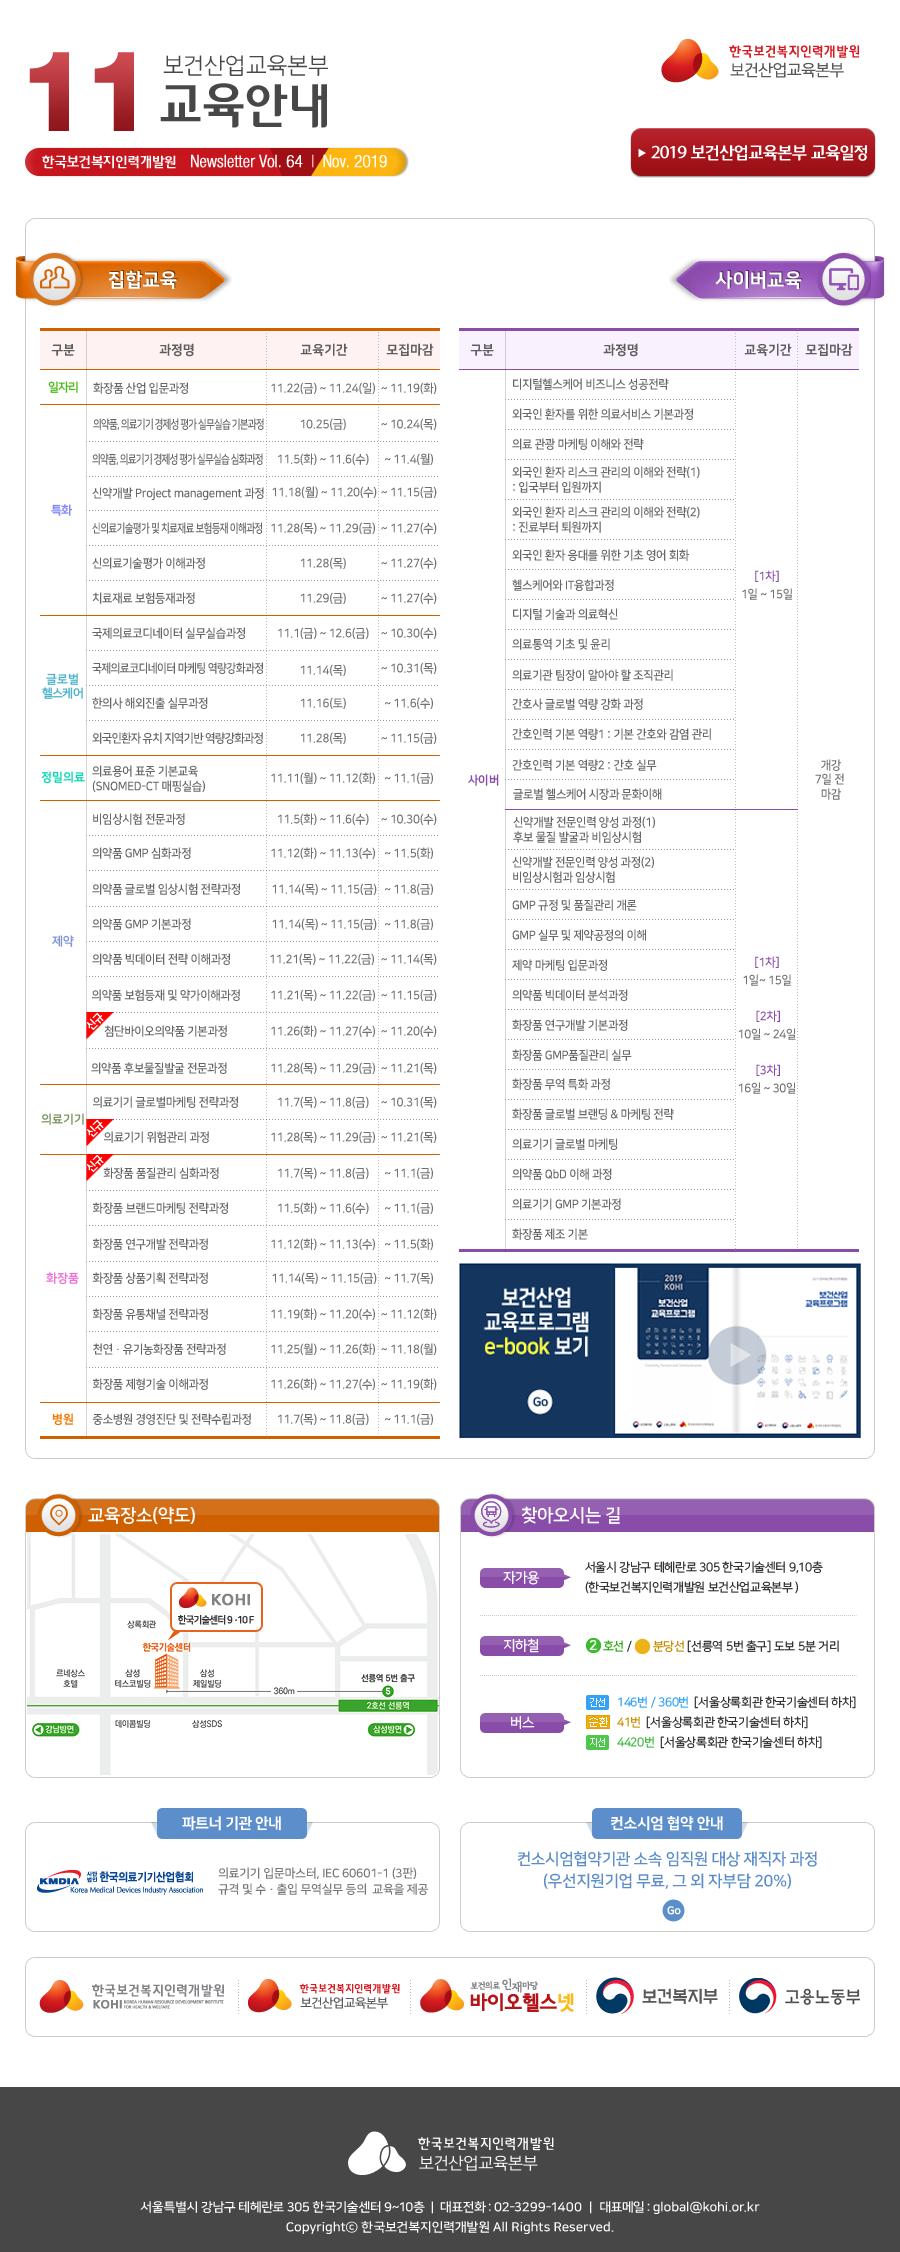 한국보건복지인력개발원 보건산업교육본부 뉴스레터